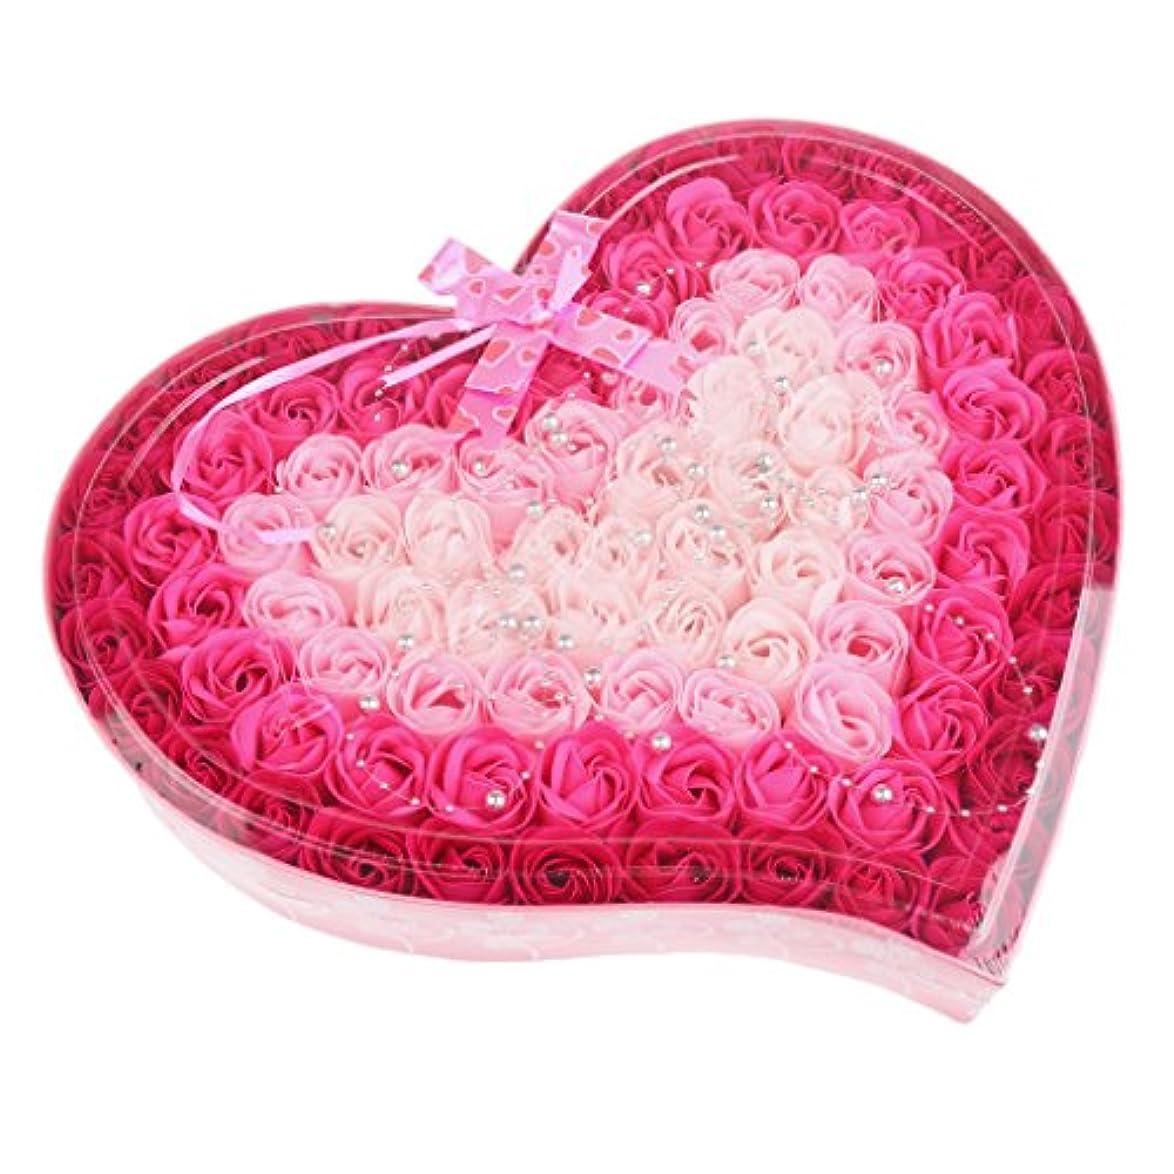 内側確かに逆ソープフラワー 石鹸花 造花 フラワー ギフトボックス 誕生日 母の日 記念日 先生の日 バレンタインデー プレゼント 全4色選べる - ピンク